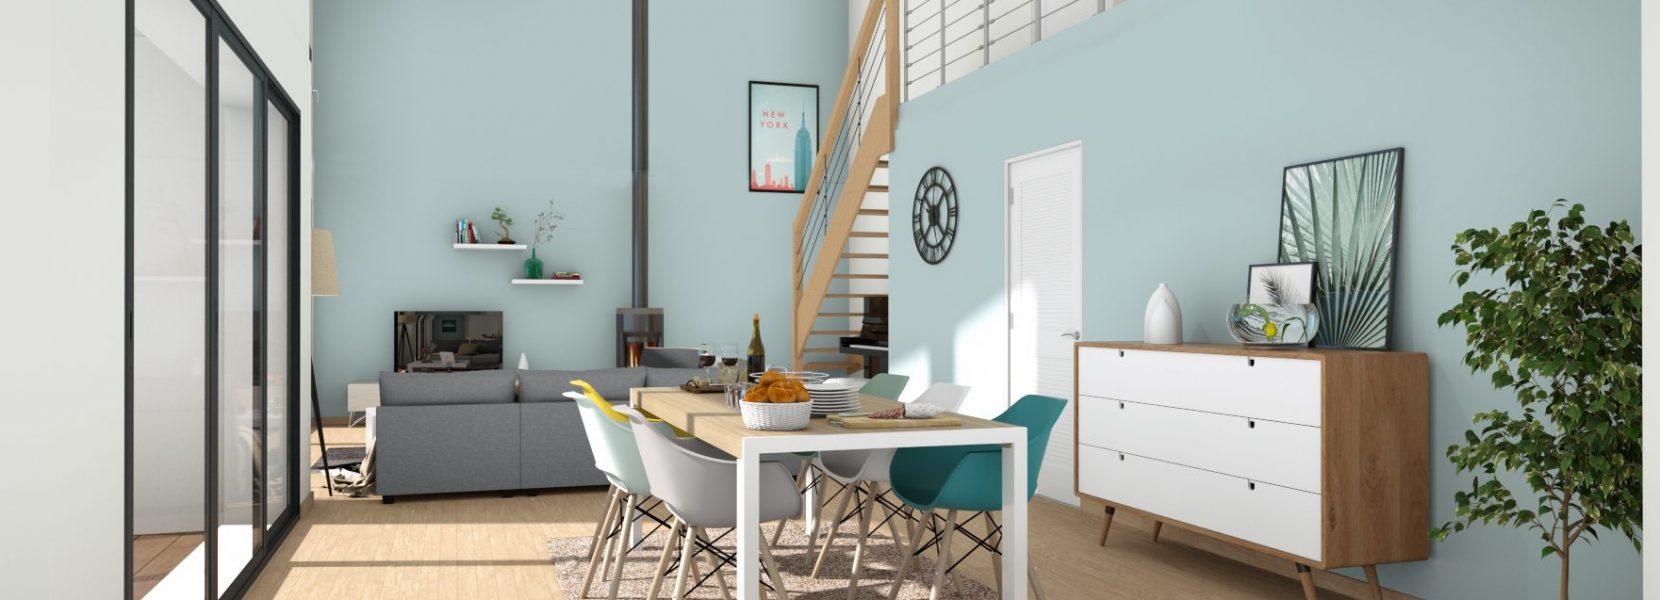 So habitat constructeur de maison en bois dans le maine for Constructeur de maison en bois 44